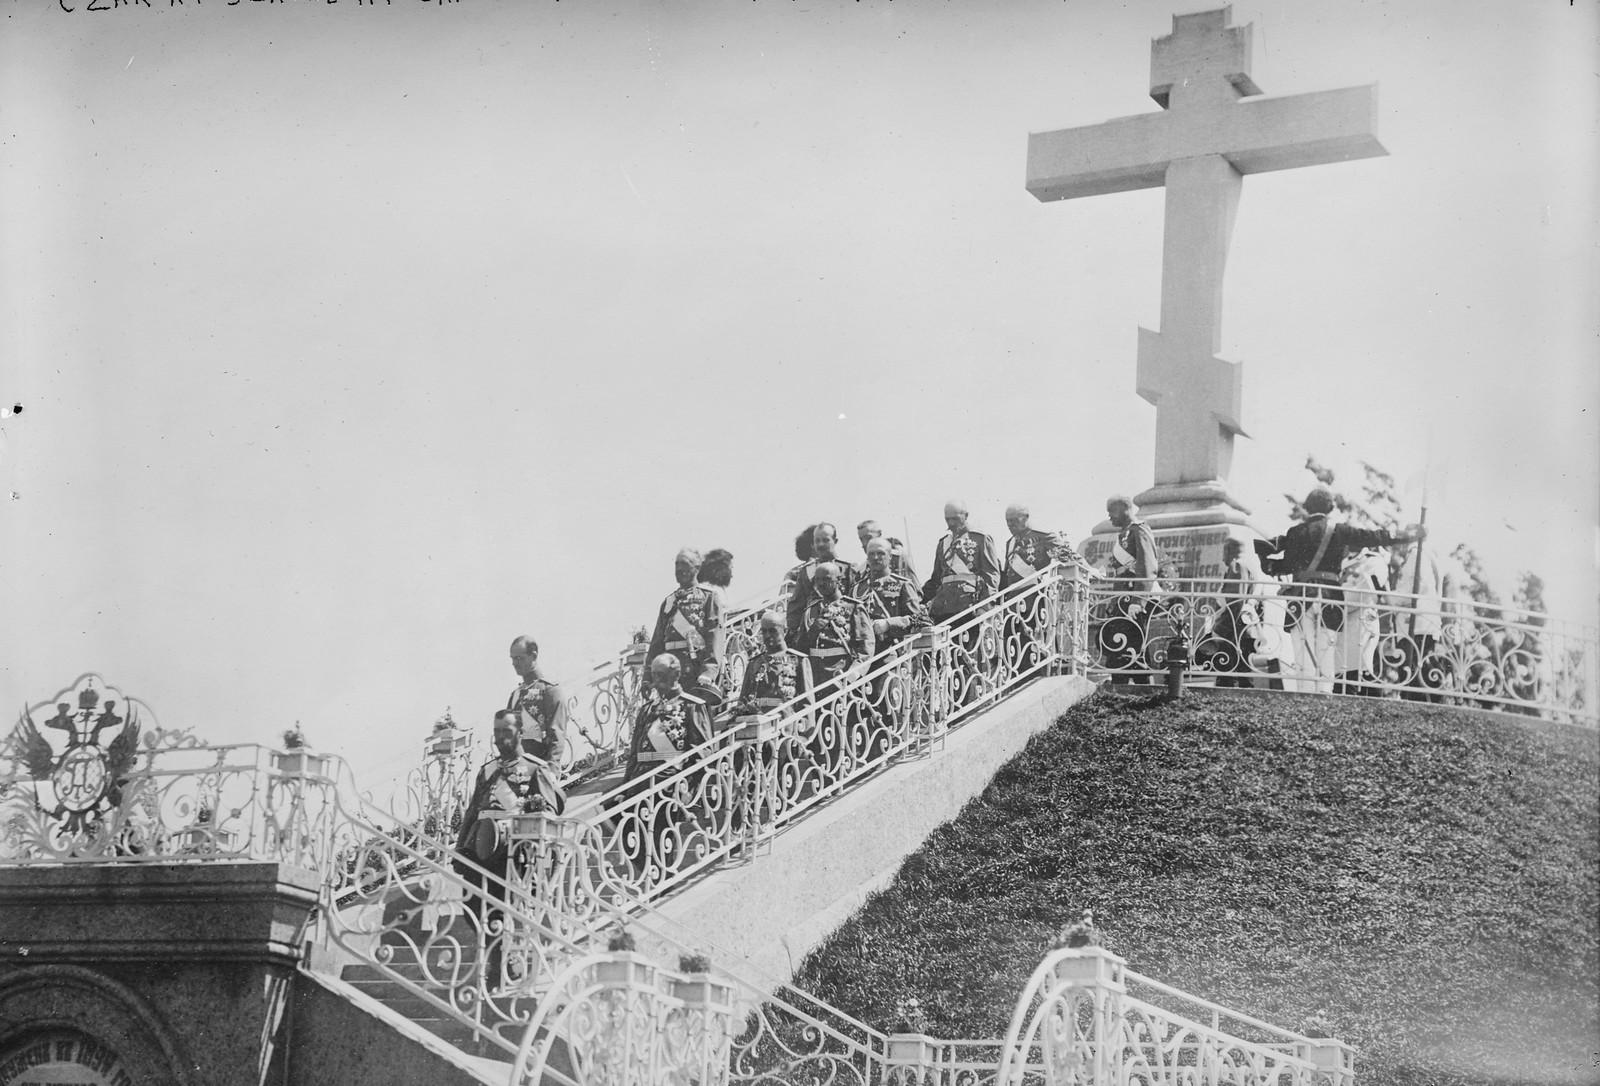 1909. Полтава. Император Николай II со свитой во время посещения памятника погибшим в Полтавской битве, 27 июня